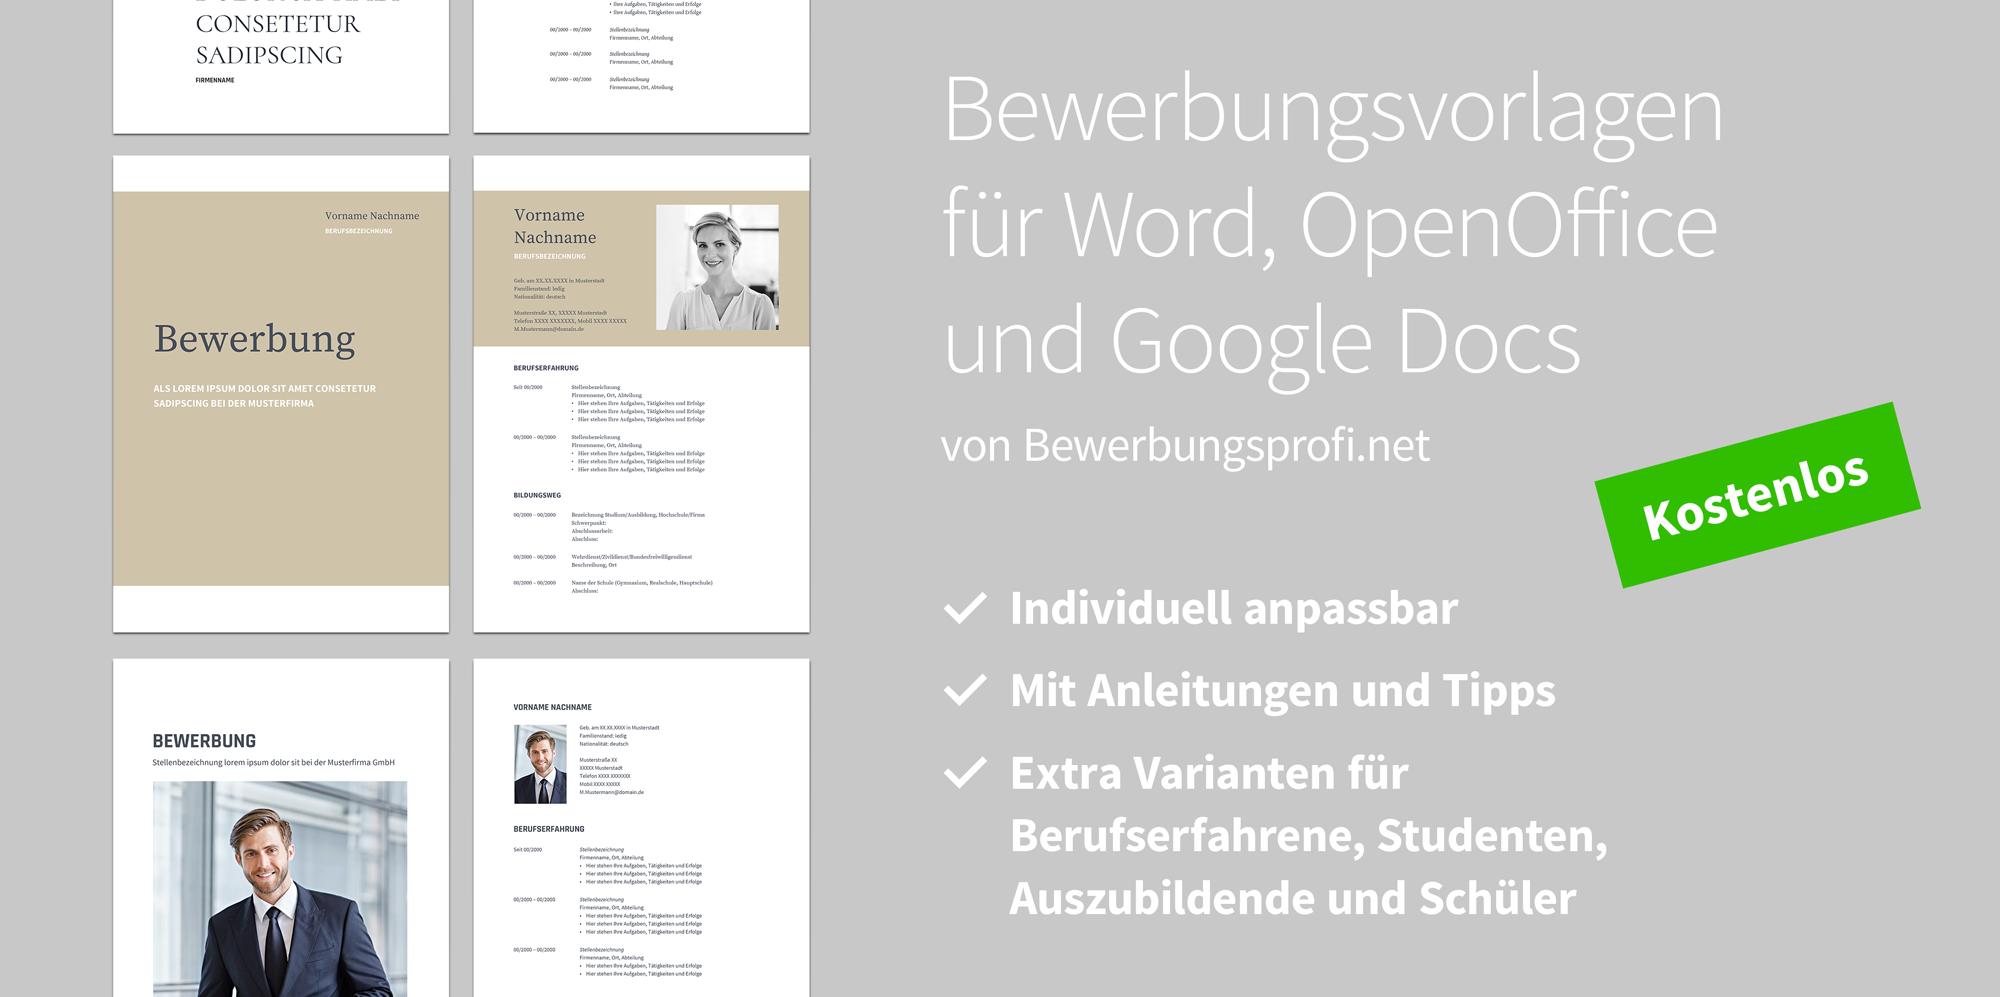 bewerbung vorlagen word openoffice google docs - Bewerbungsanschreiben Muster